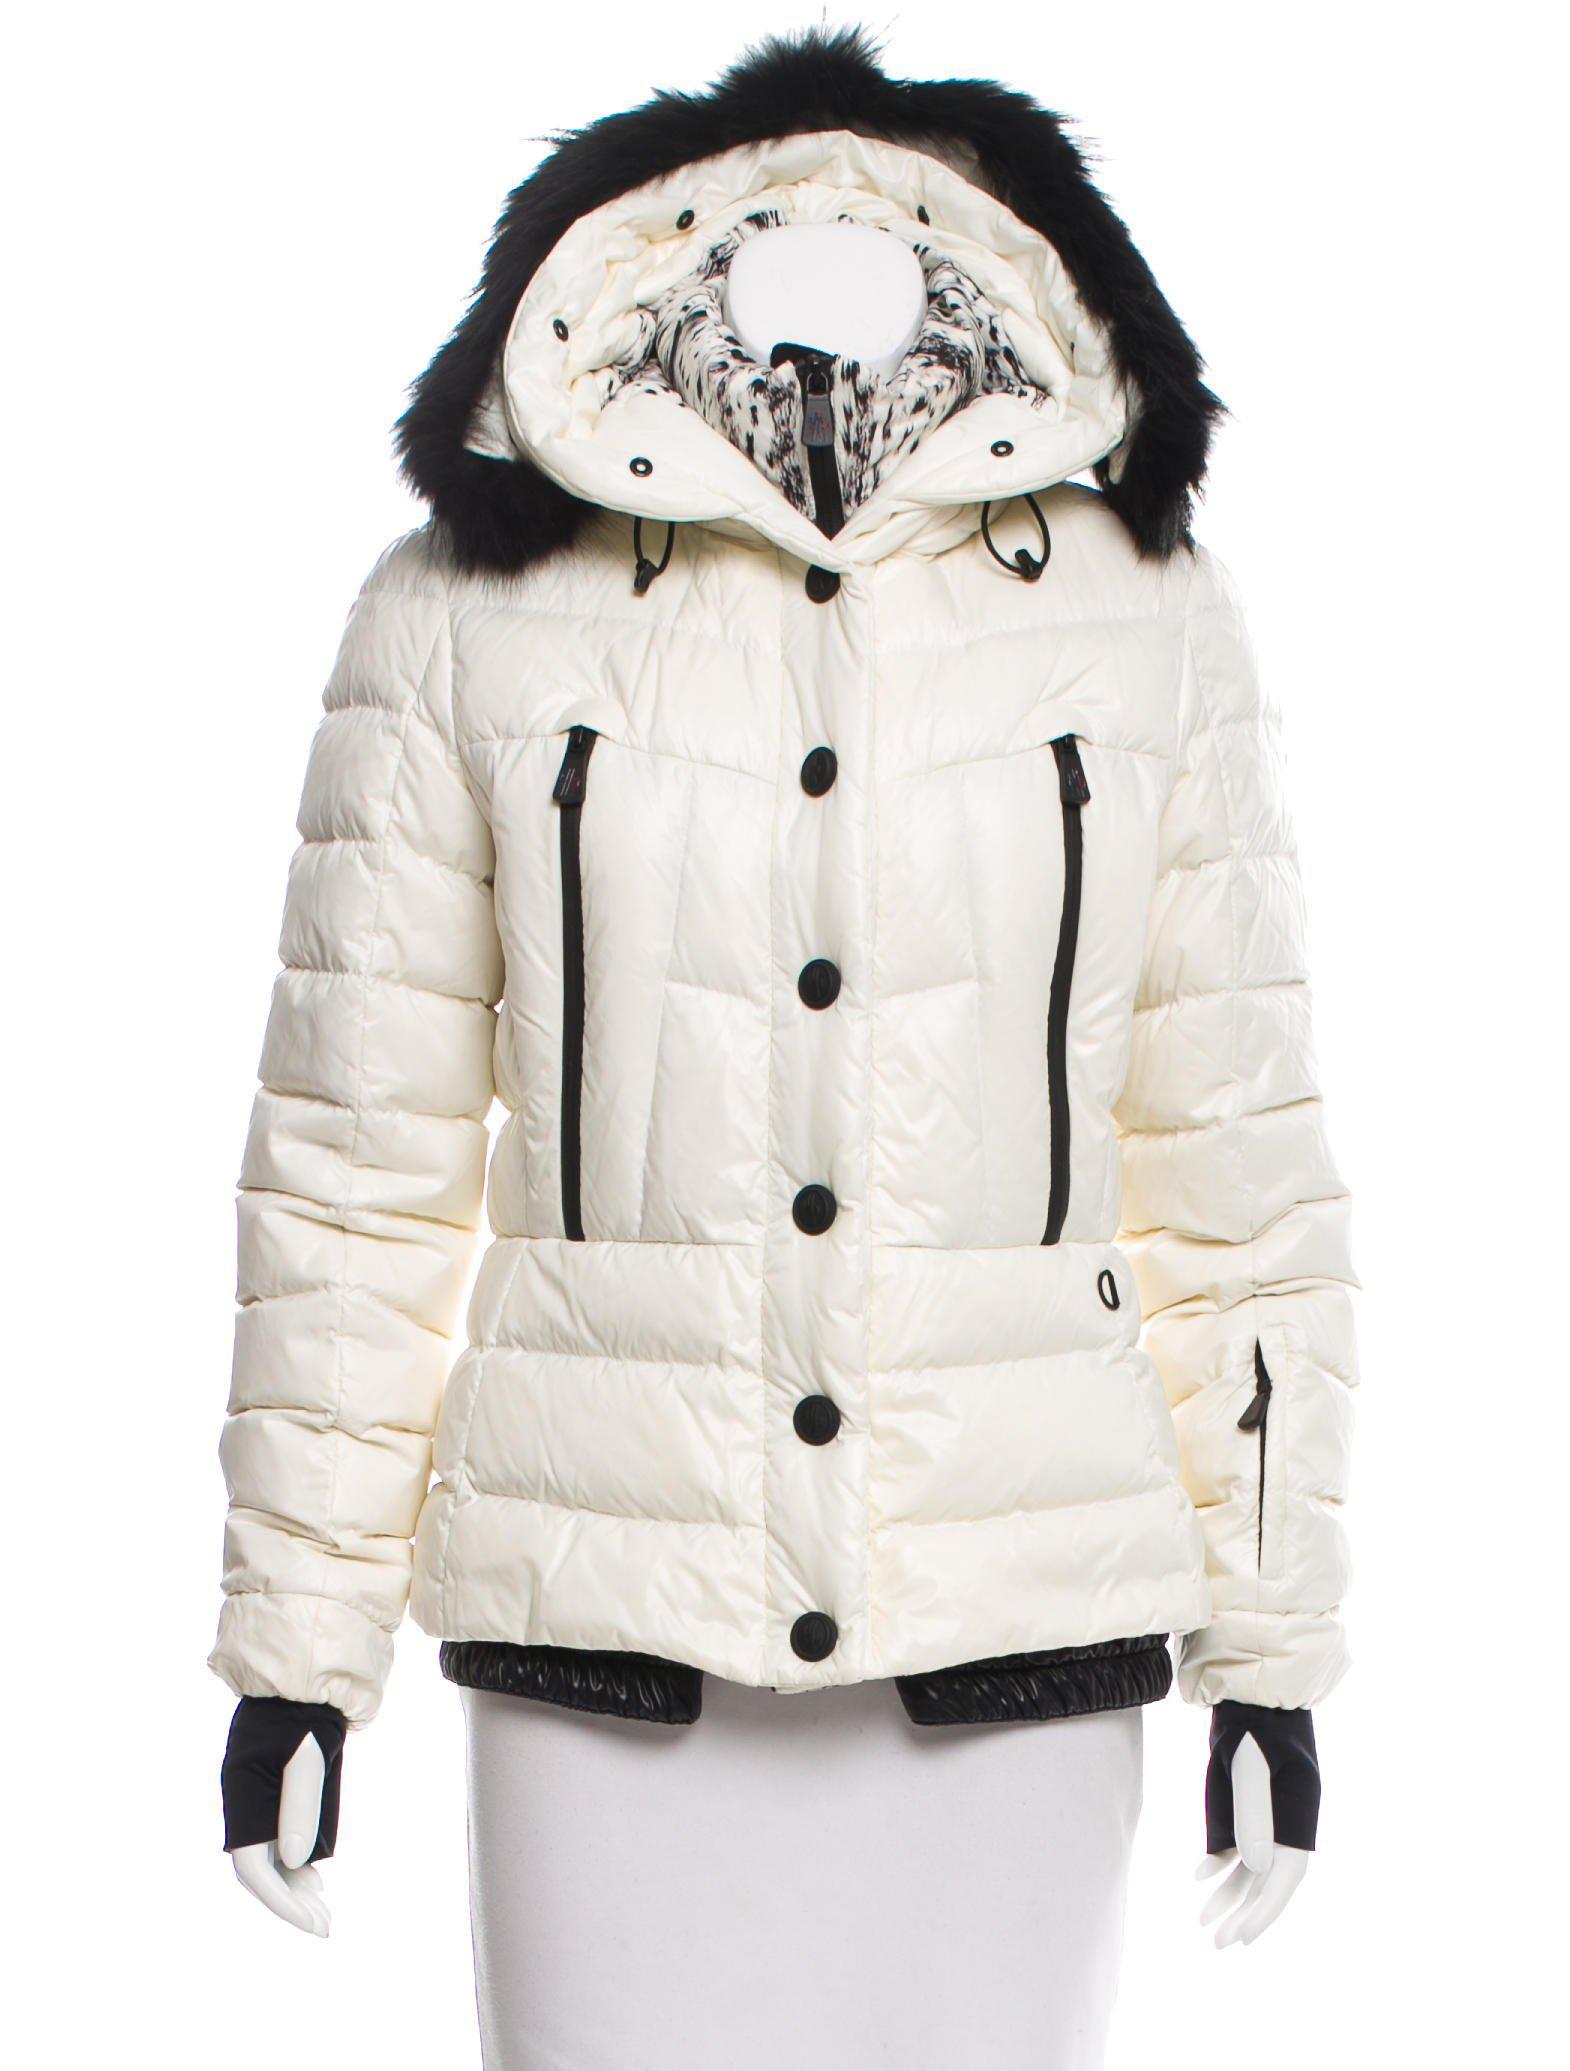 04888dfd5 shopping moncler coat barneys motorcycle df09e bf792